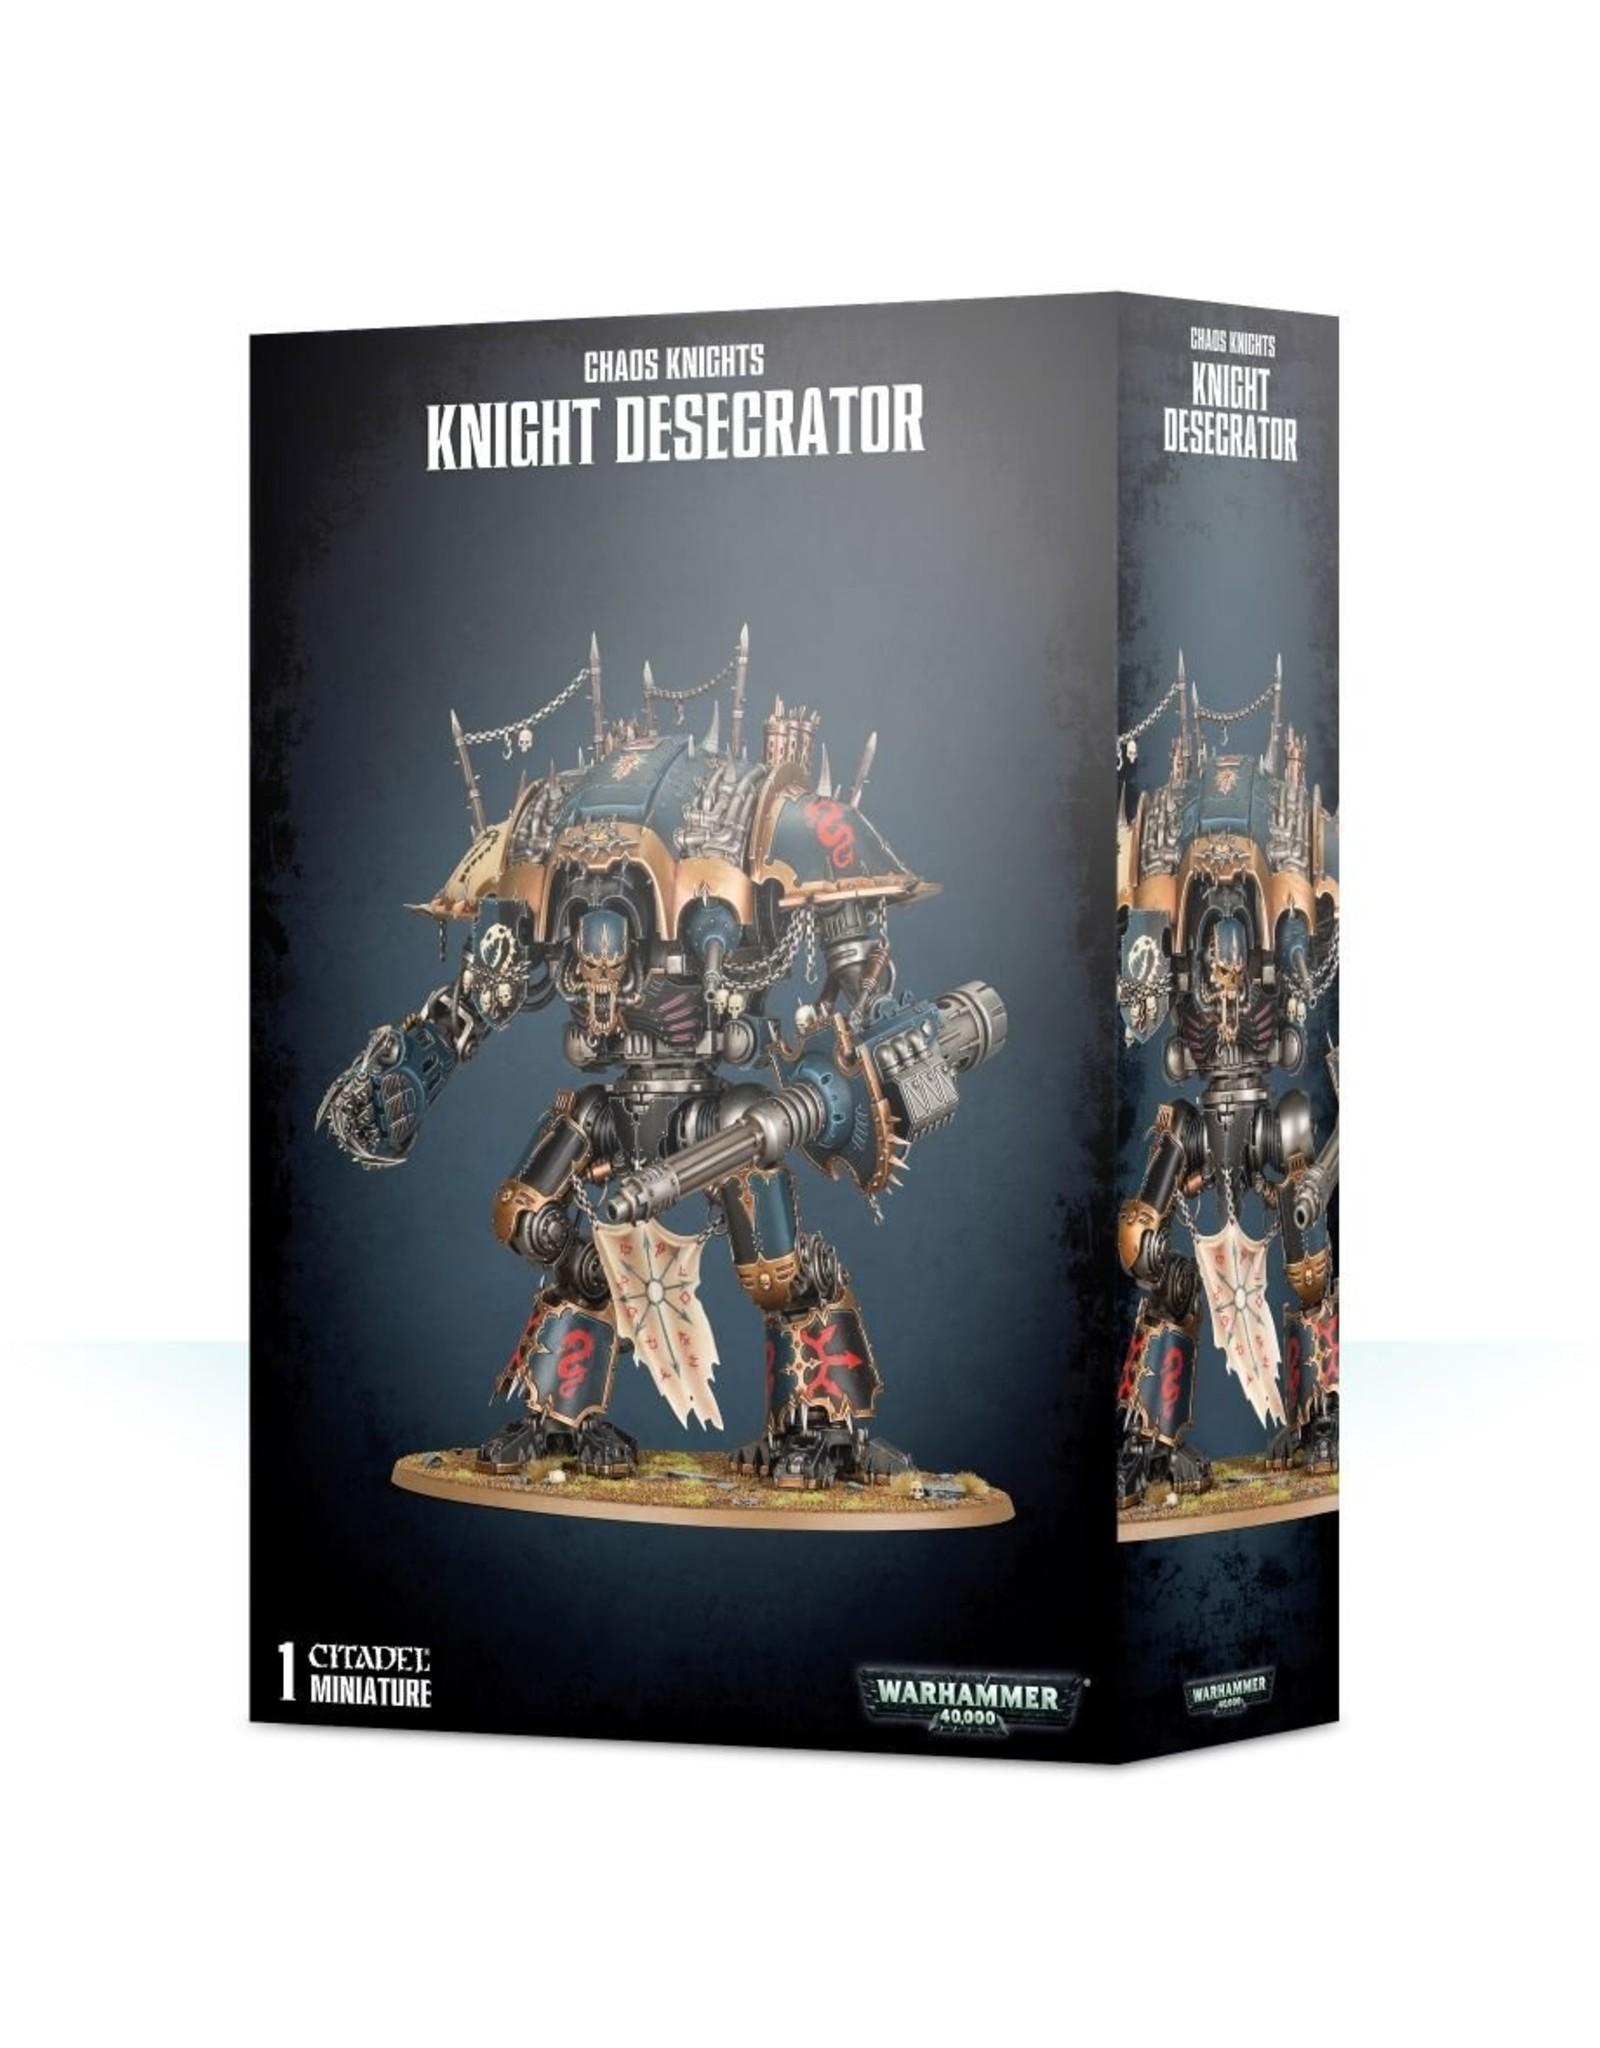 Warhammer 40K: Knight Desecrator